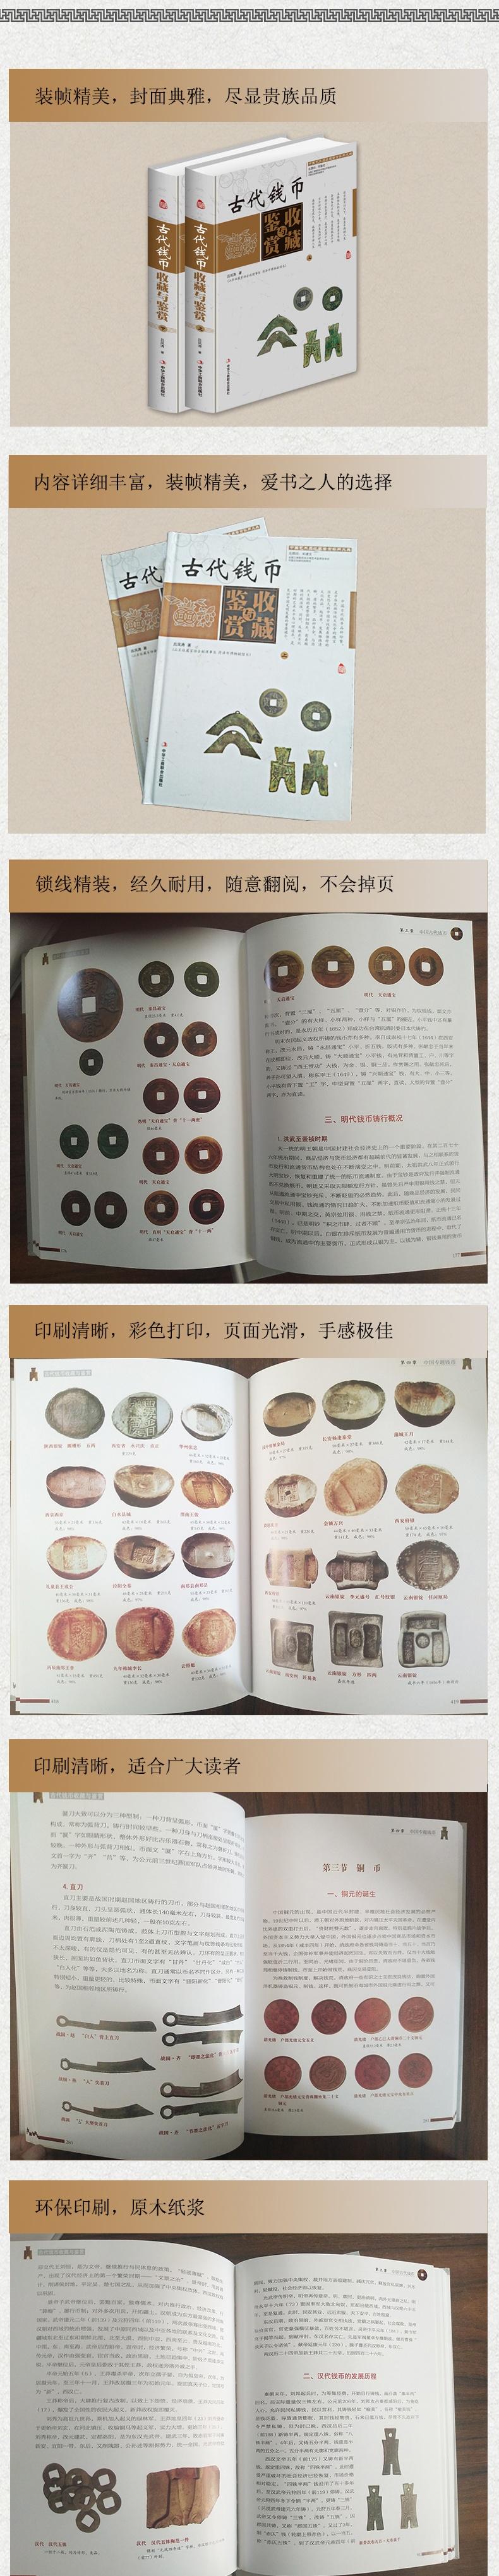 古代銭幣收蔵与鑑賞-中国芸術品收蔵与鑑賞実用大典(全2册)